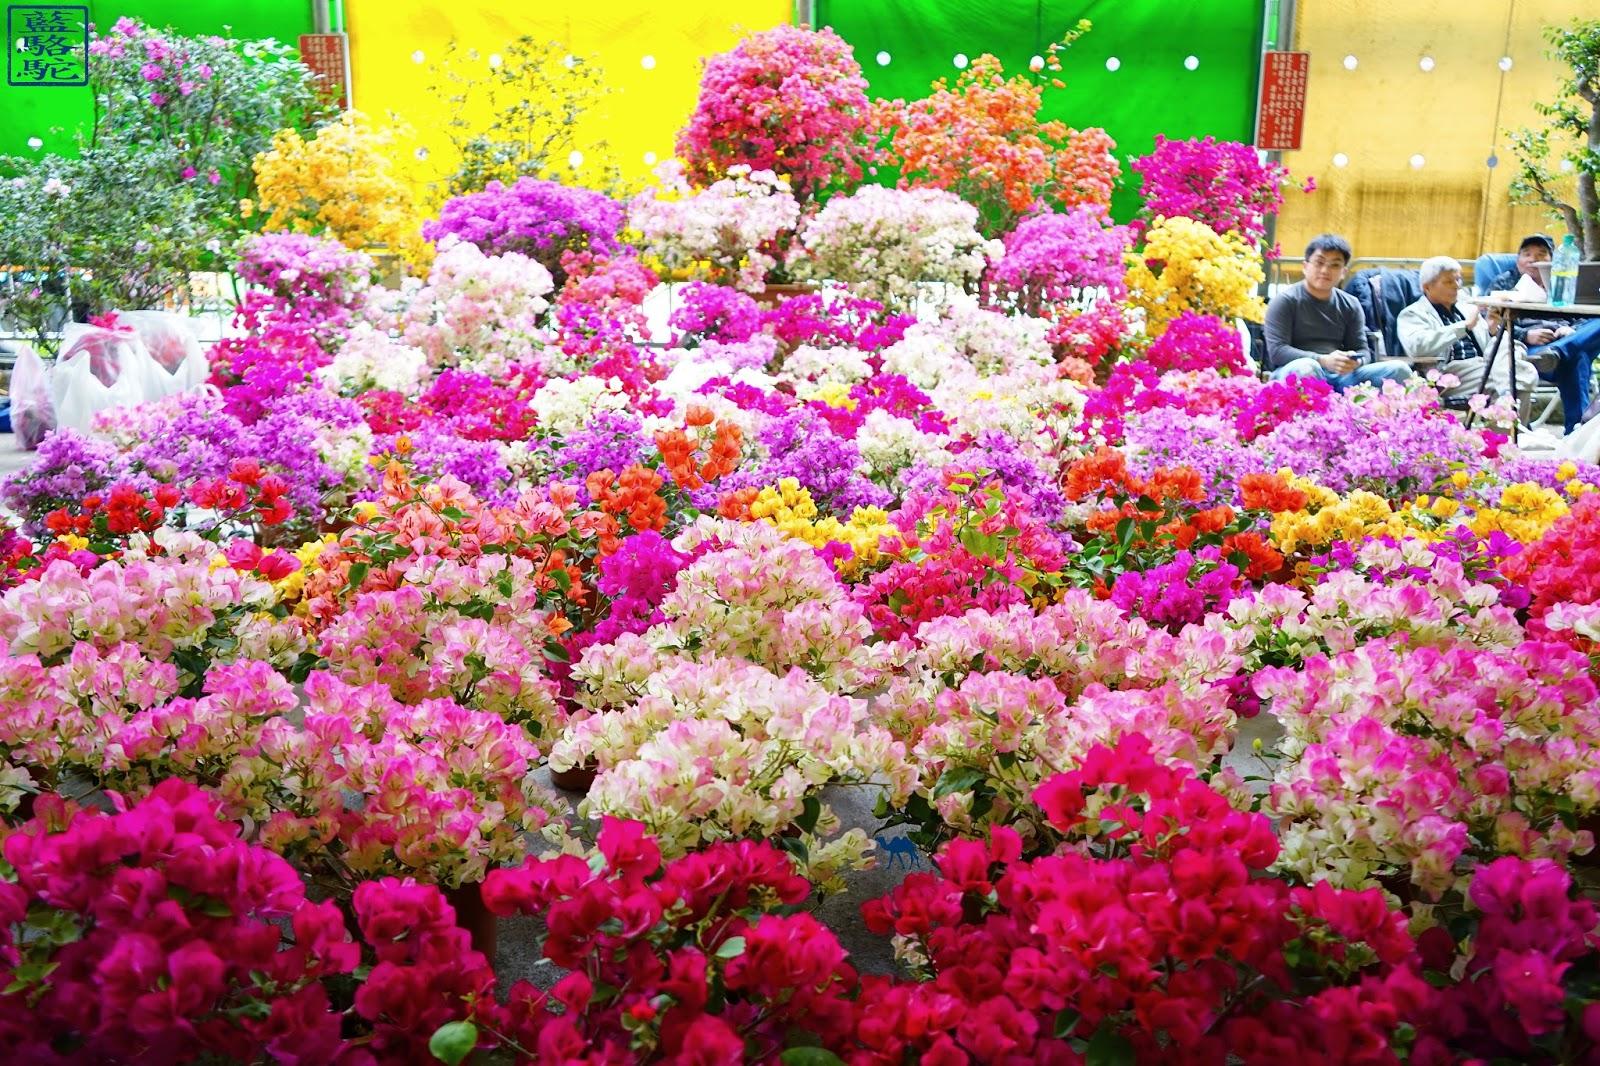 Le Chameau Bleu - Stand du marché au fleur de Taipei - Voyage Taiwan